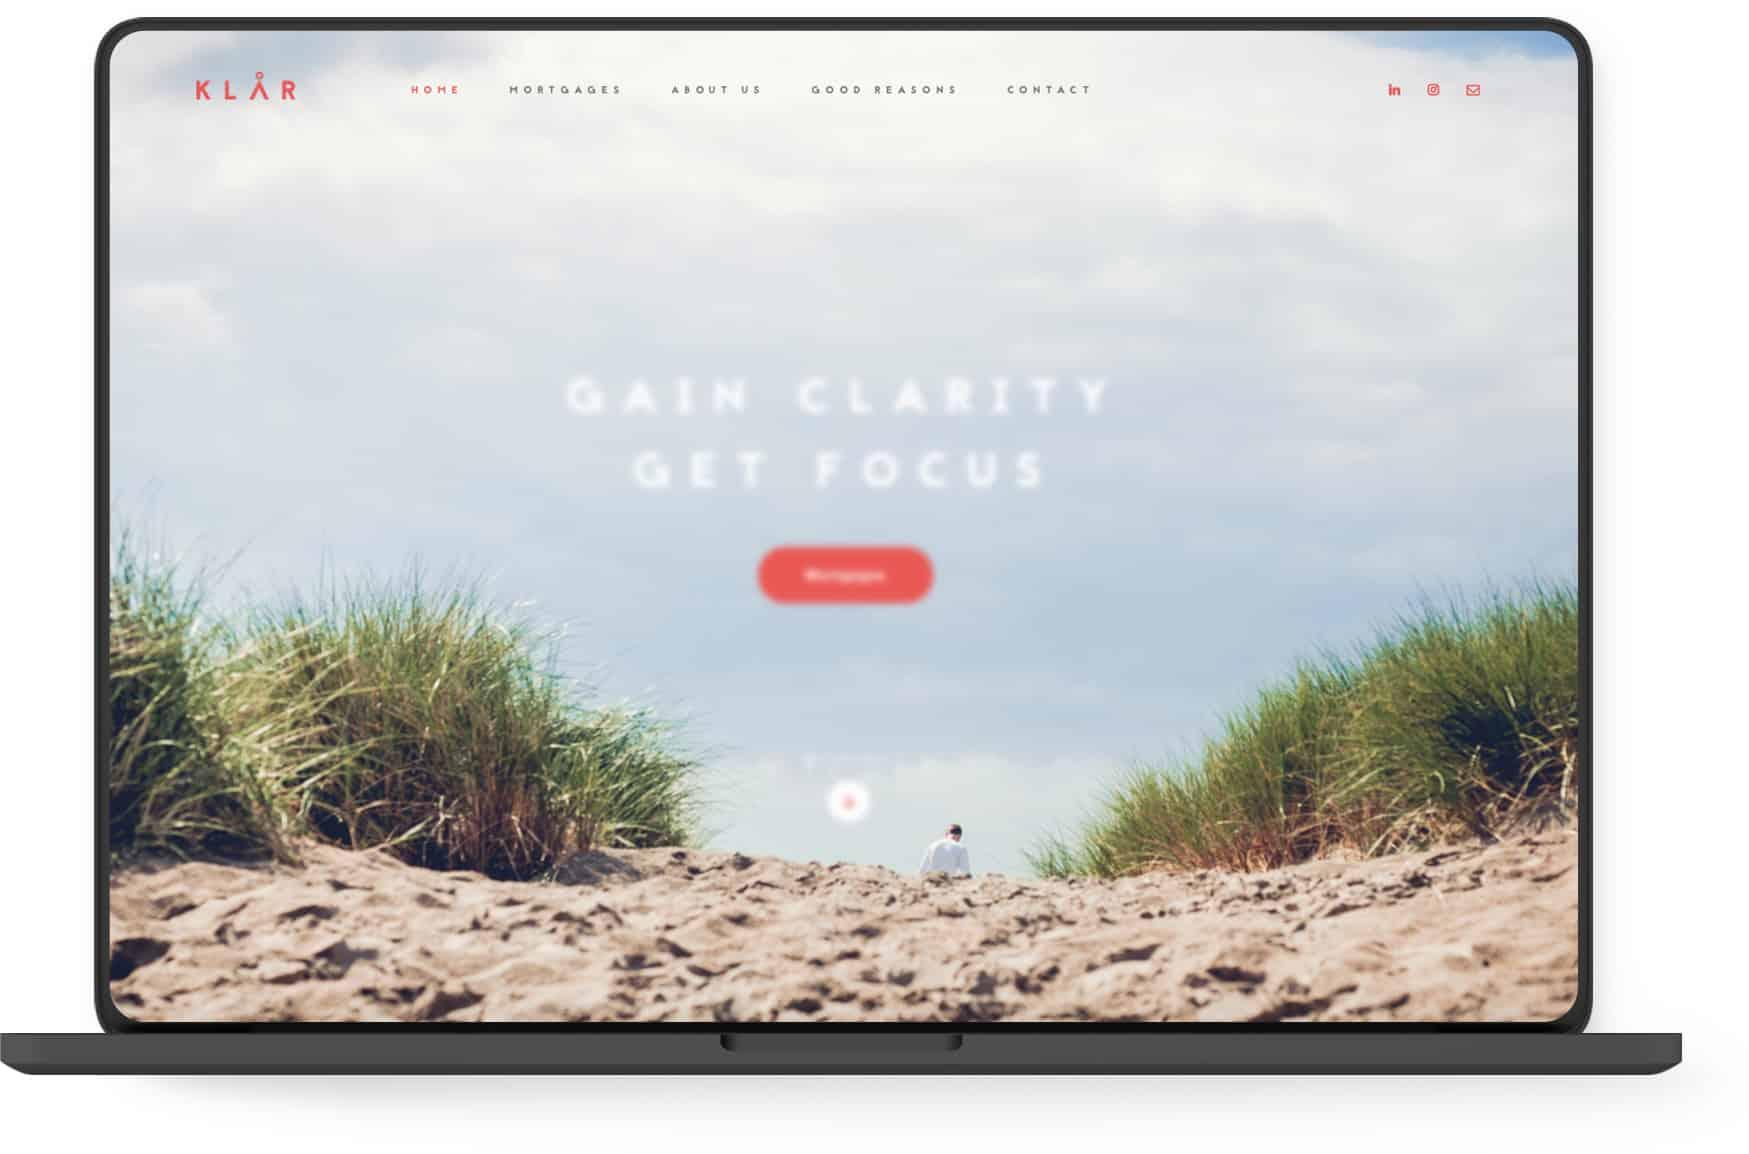 Klår Finance - Desktop slider onscherp